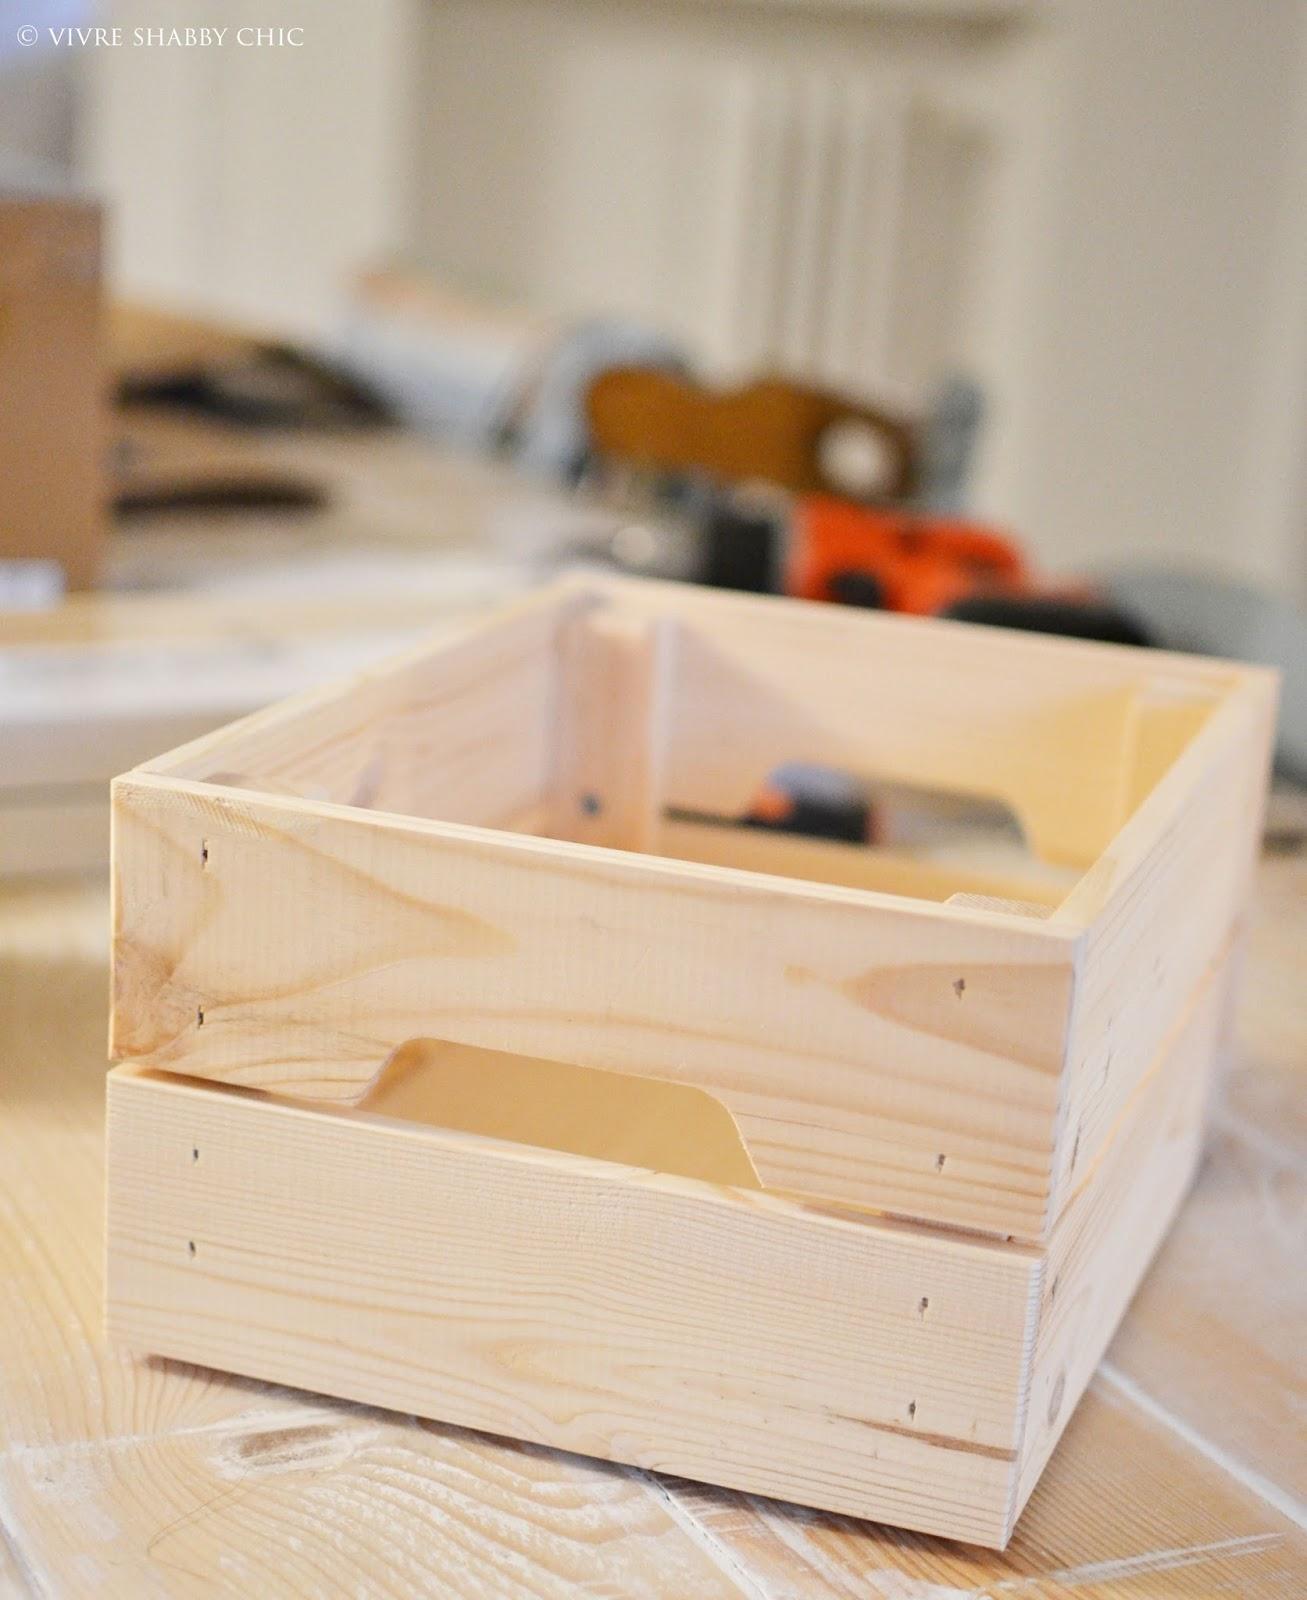 Mobile con cassette di legno : creare mobili con cassette di legno ...